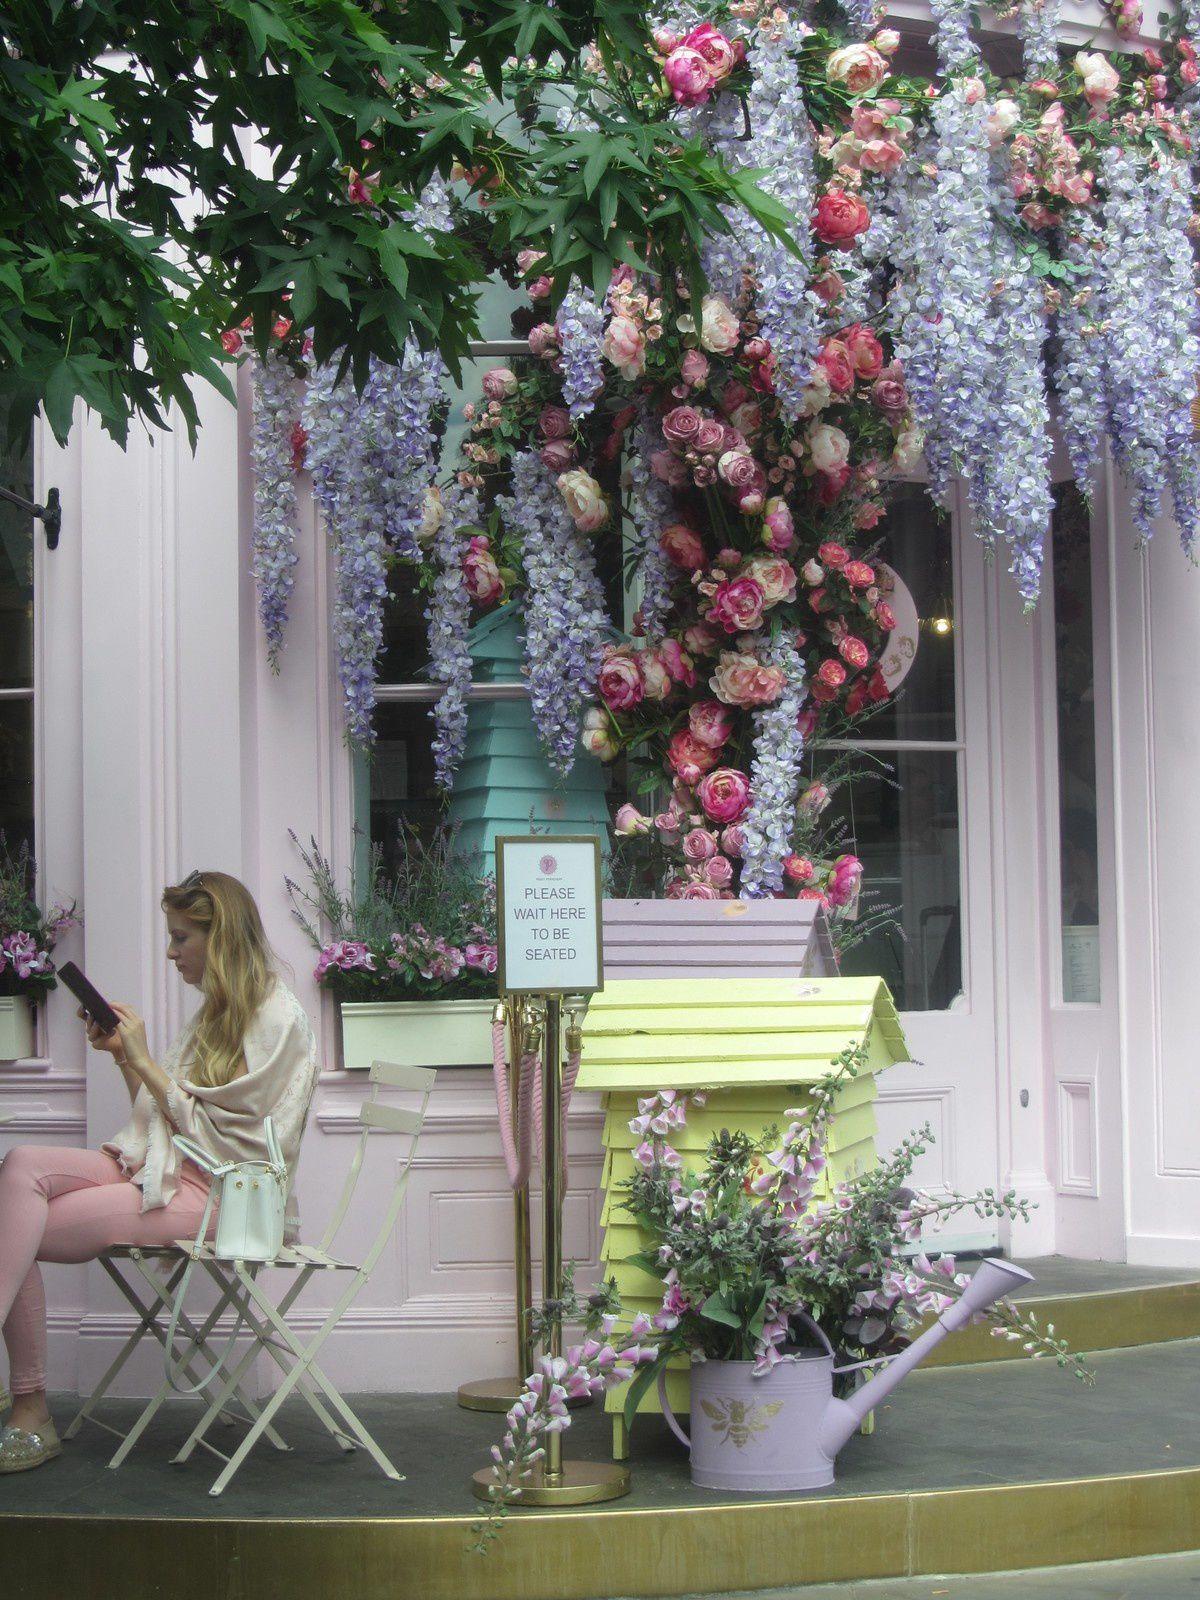 Nous sommes toujours à Londres, où les fleurs ont pris le pouvoir...